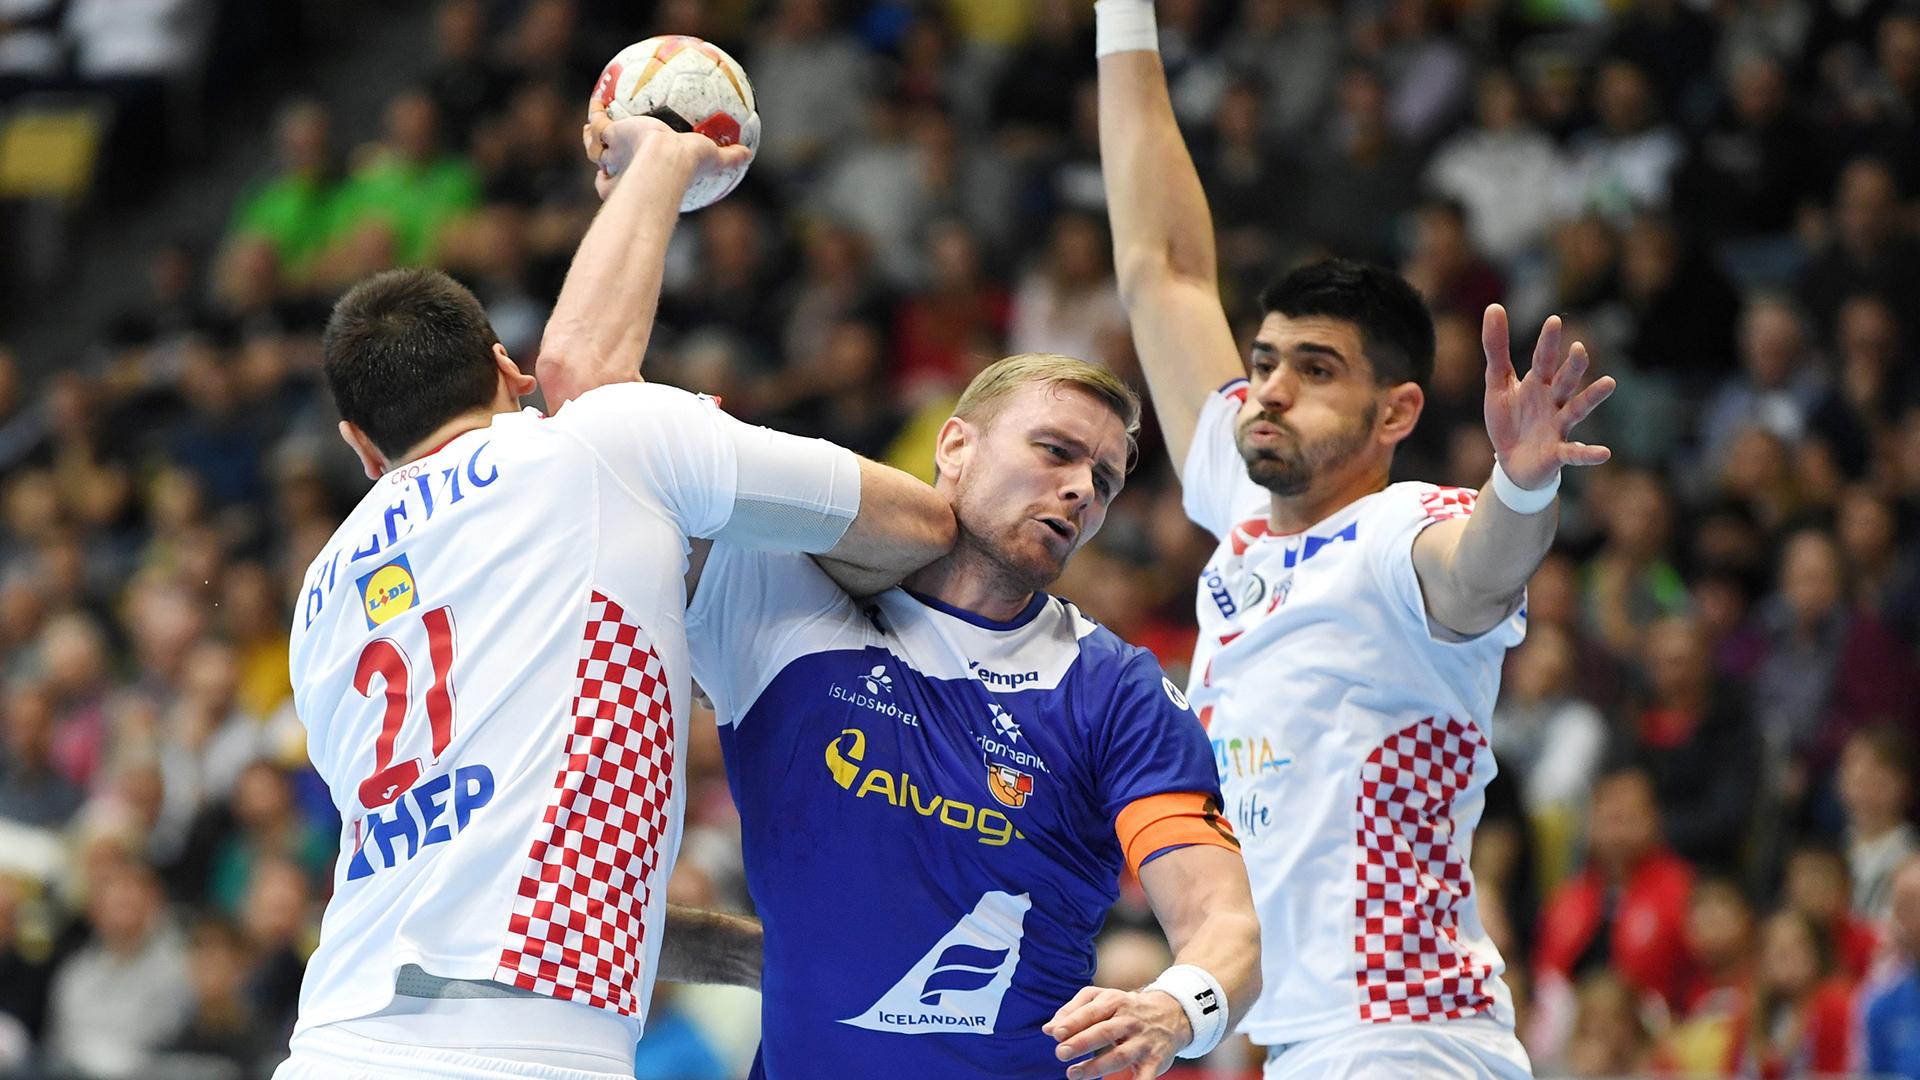 Croacia derrotó a Islandia 31 a 27 en su debut en el Mundial (REUTERS)